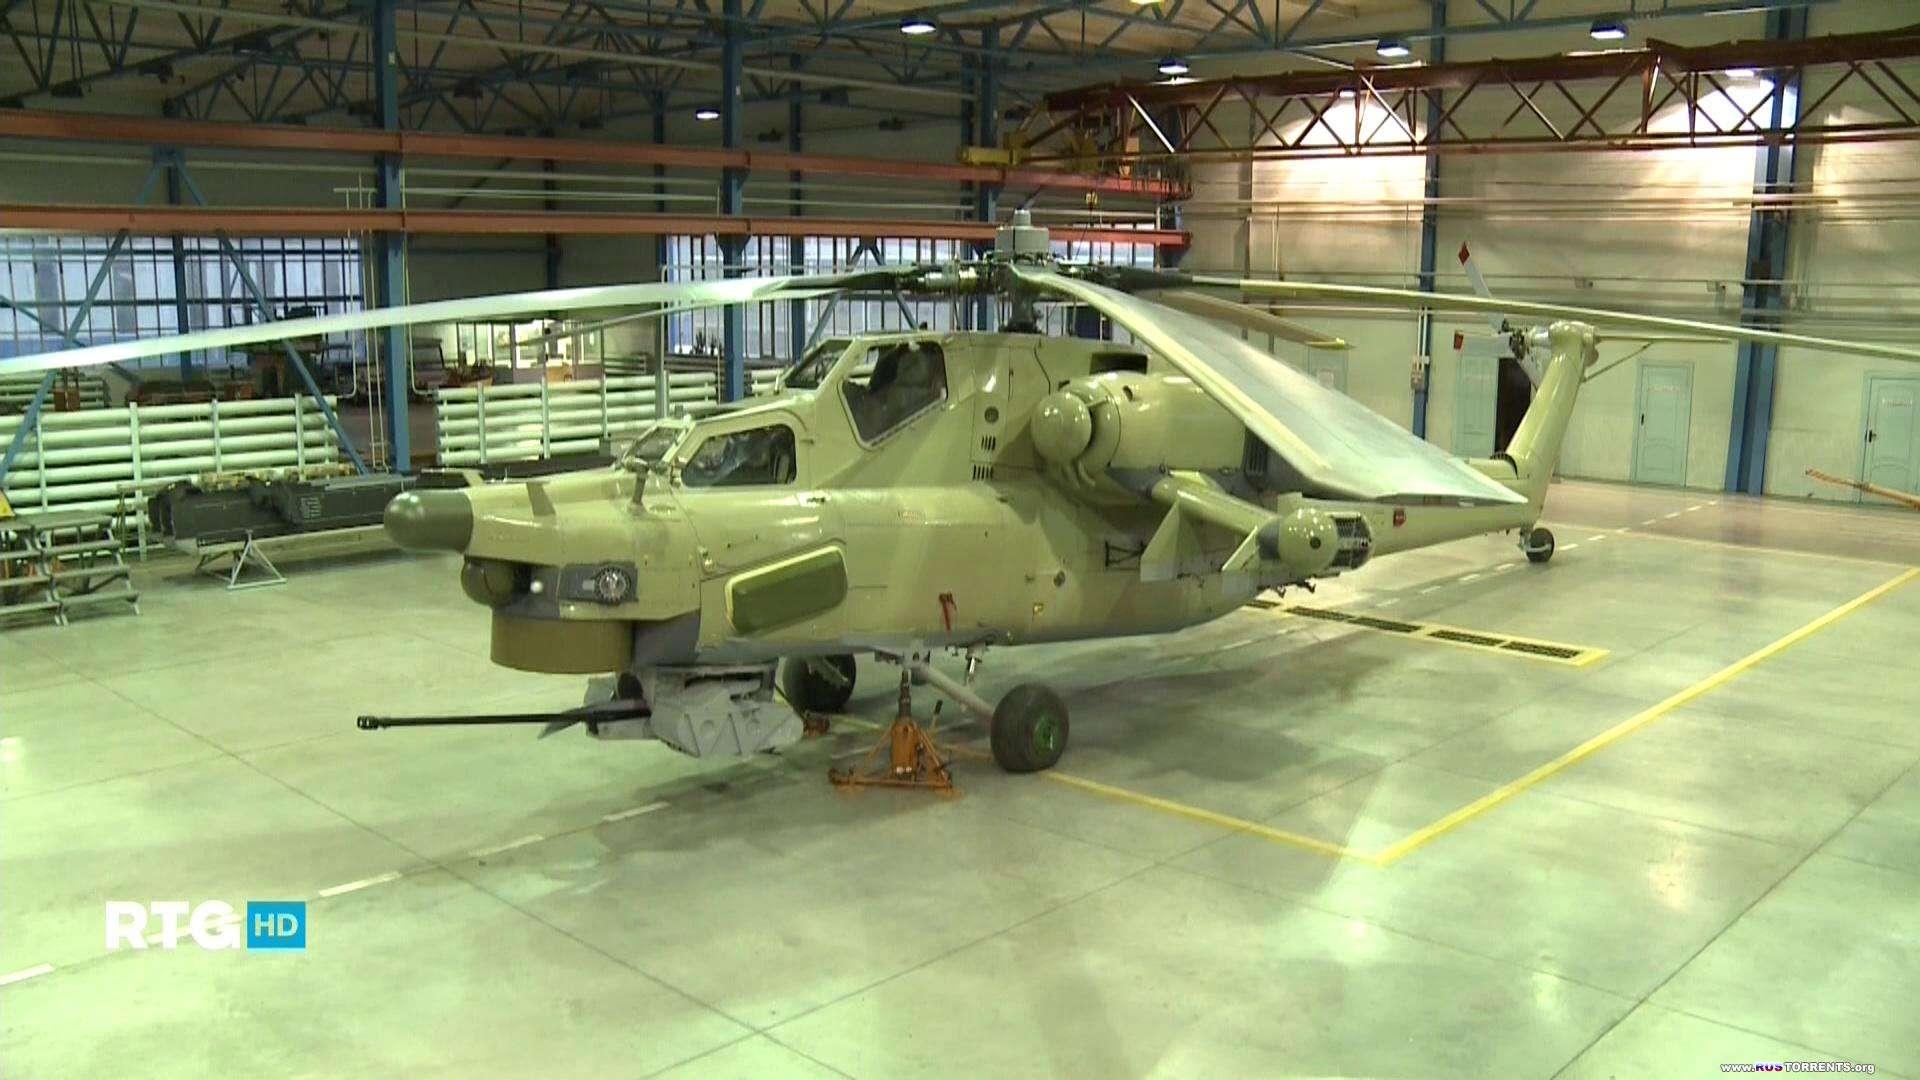 Производство боевых вертолетов | HDTV 1080i